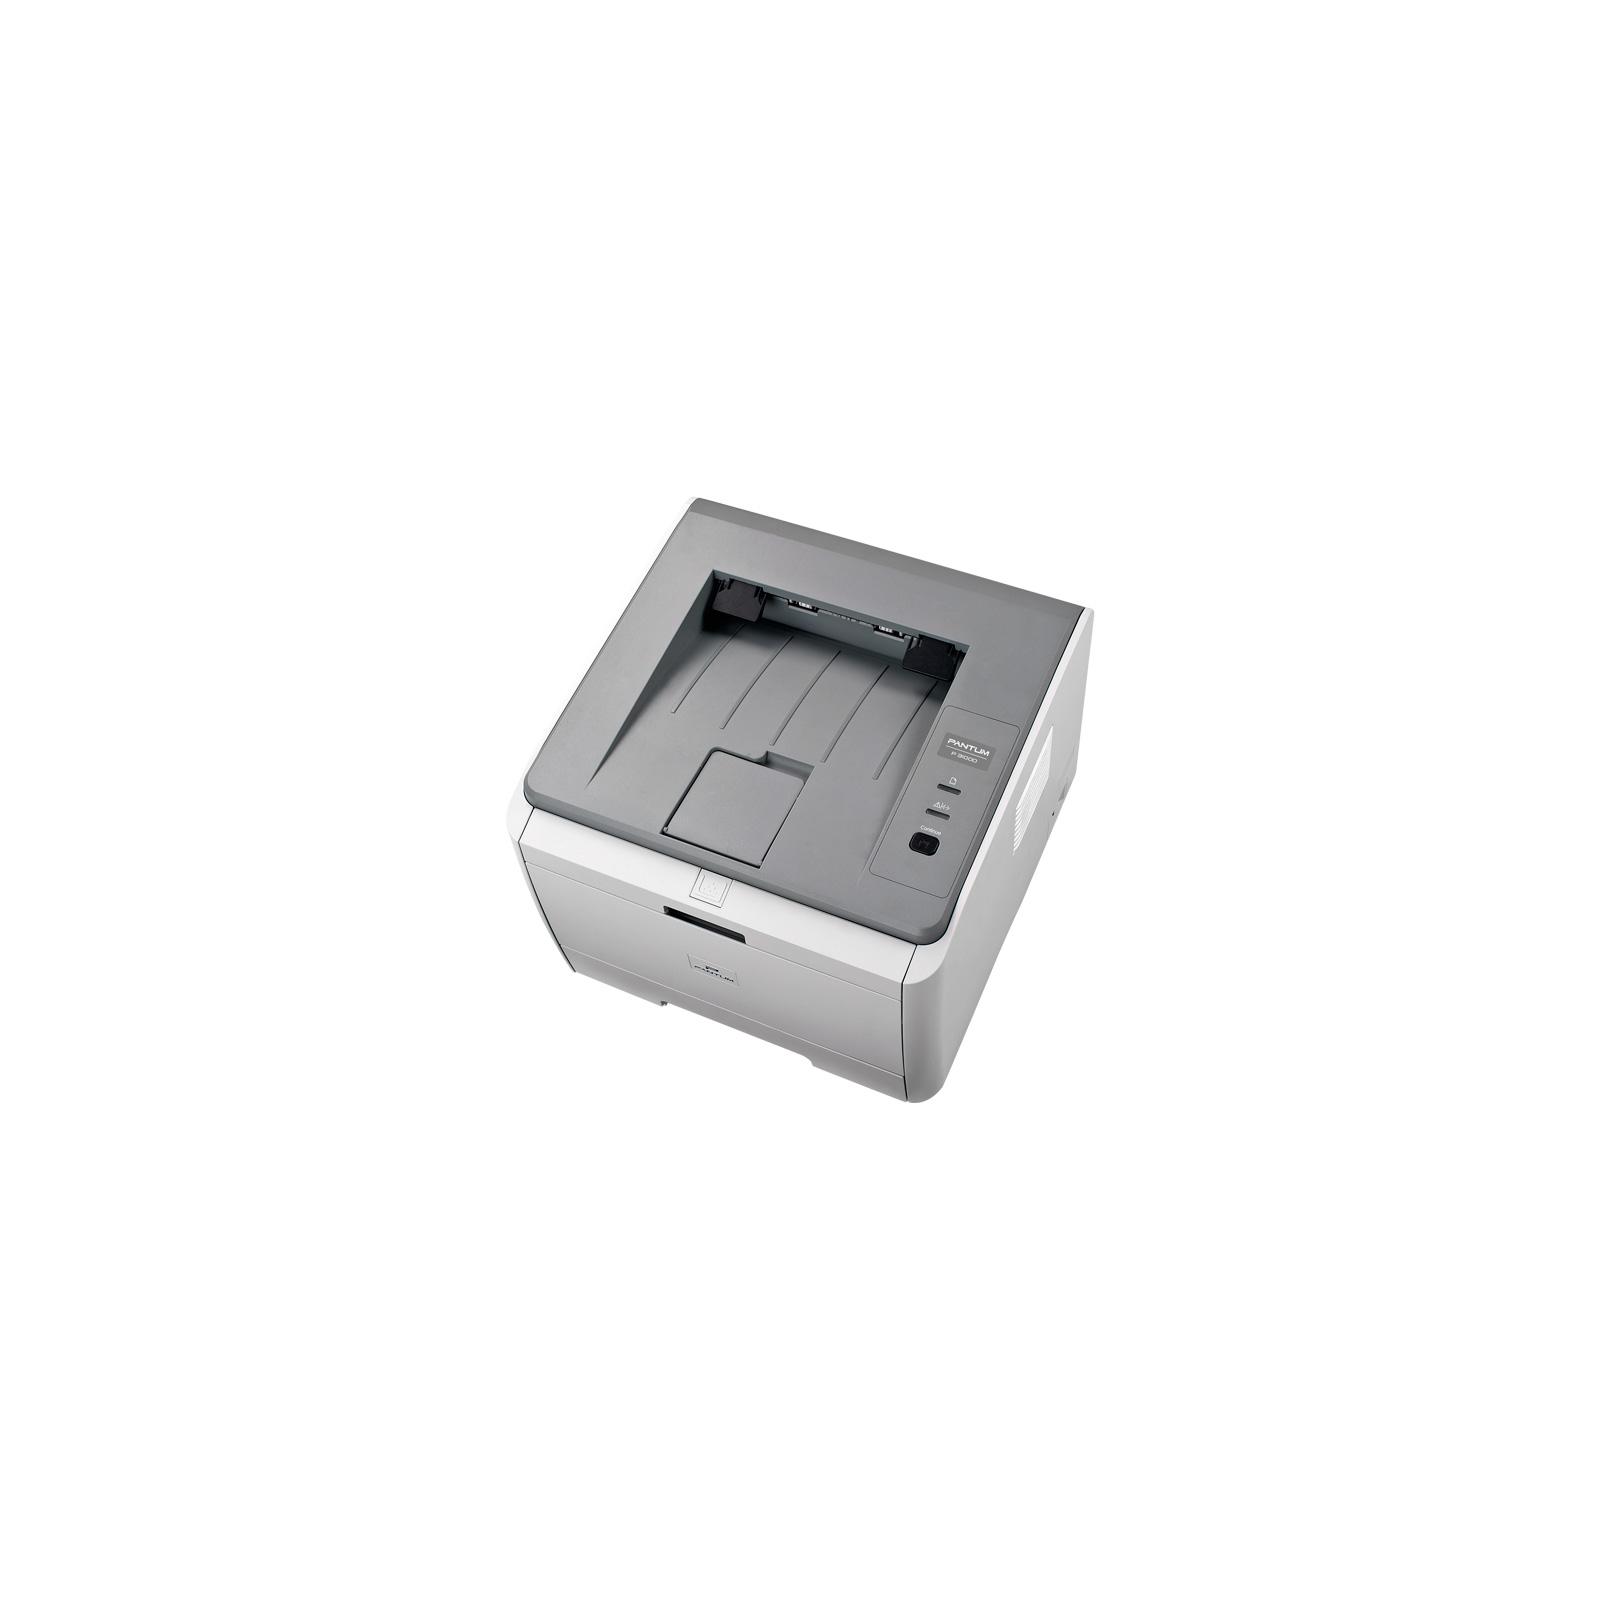 Лазерный принтер Pantum P3100DN (BA9A-1906-AS0) изображение 5